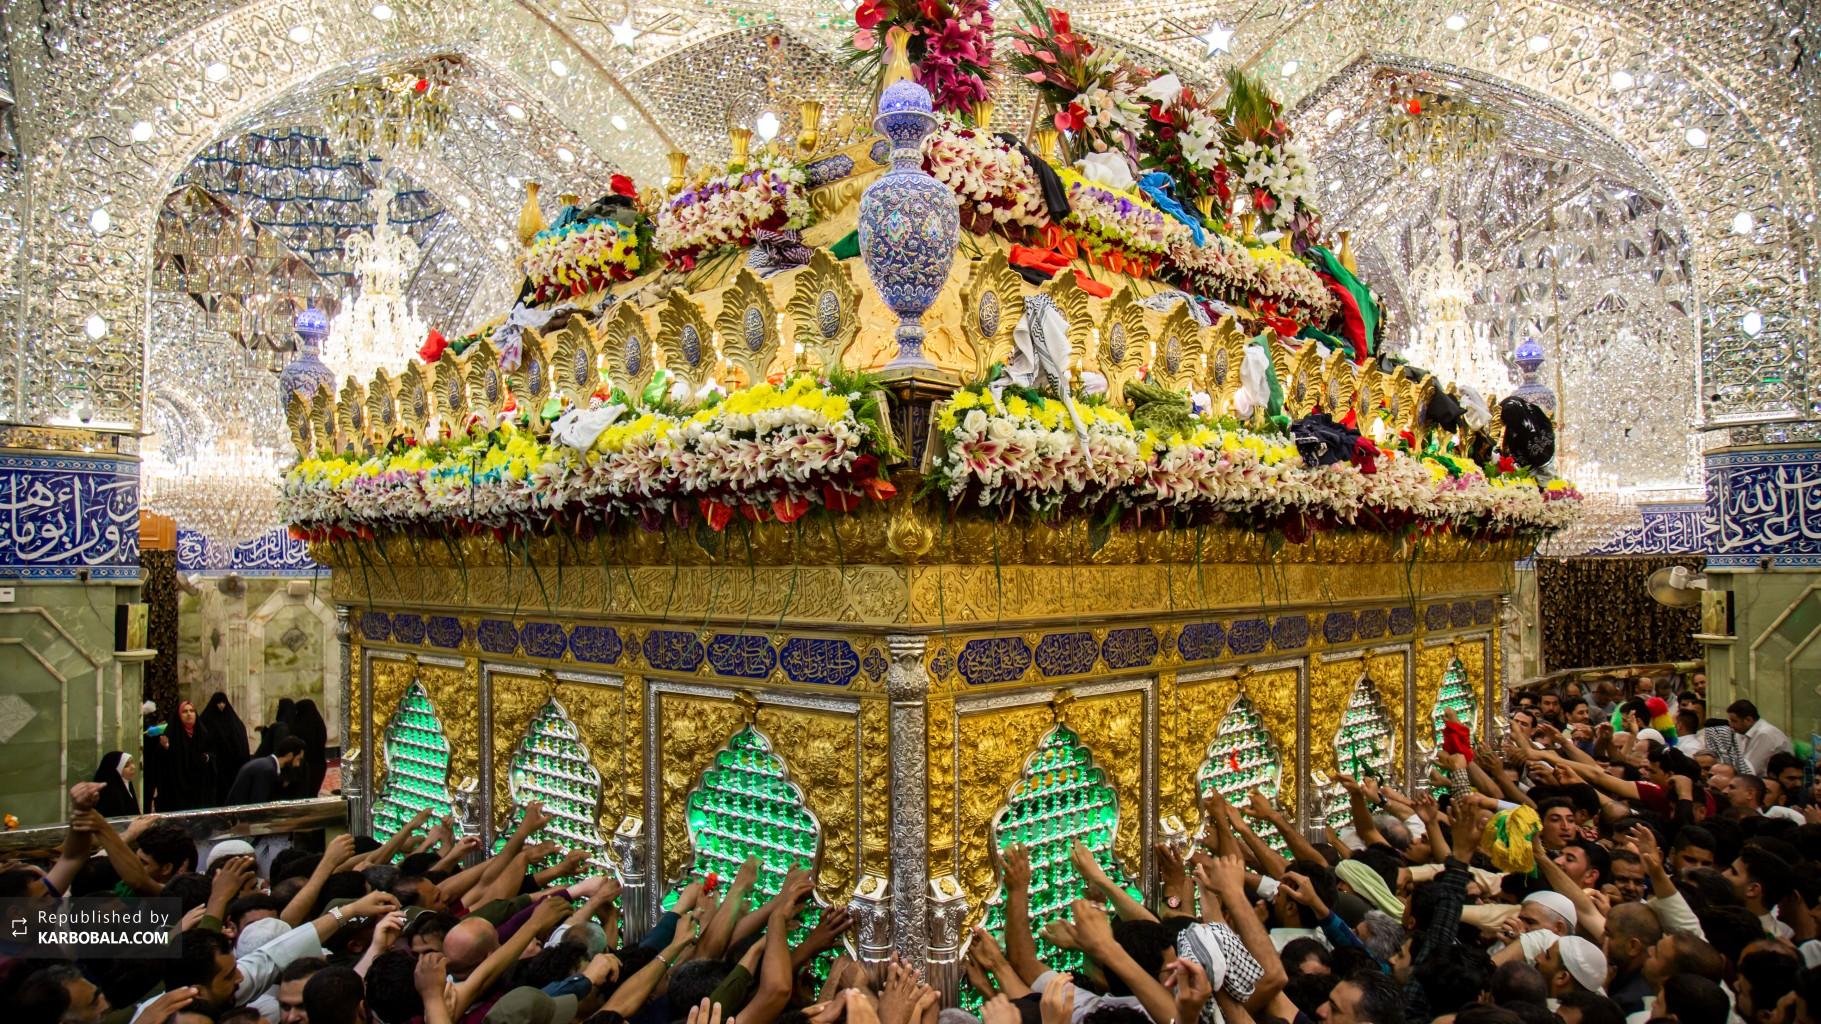 توسل و عرض ارادت شیعیان به ضریح پاک علمدار کربلا